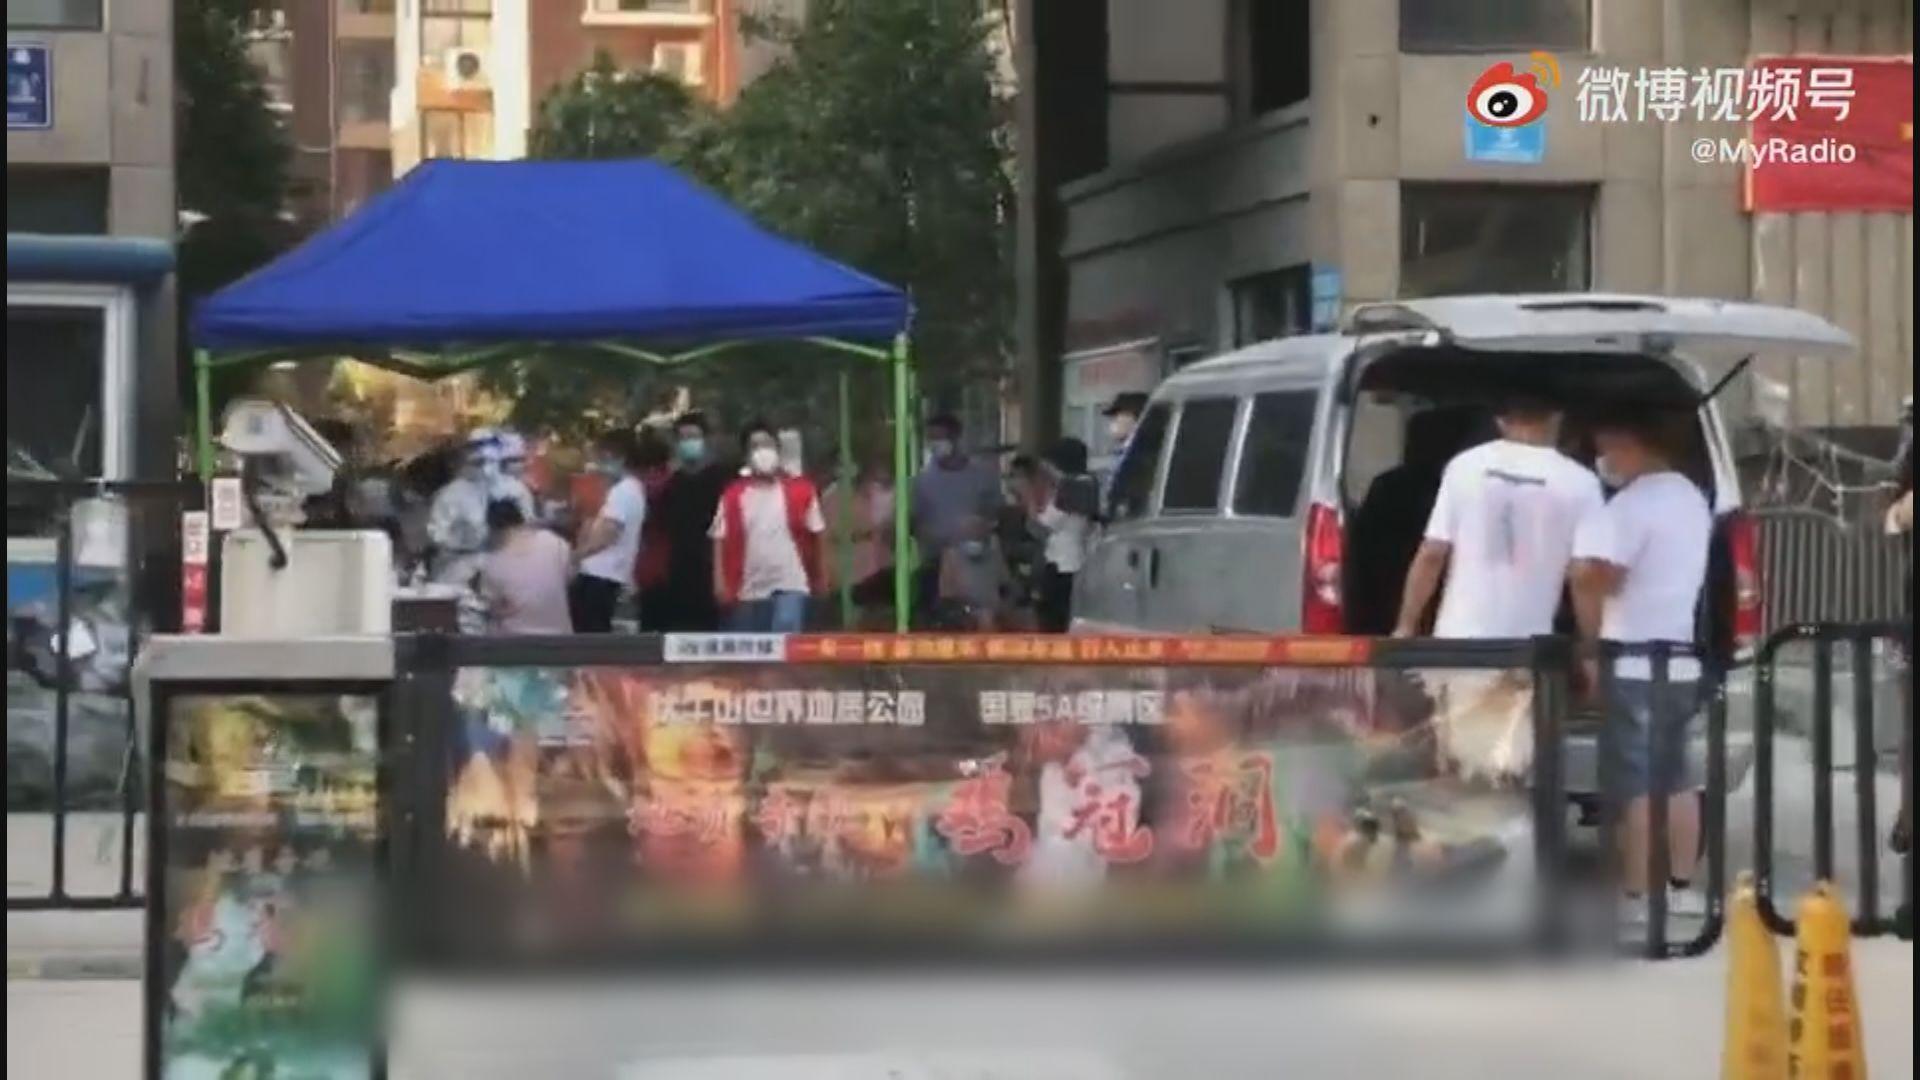 河南鄭州市新冠疫情升溫 新增11人確診